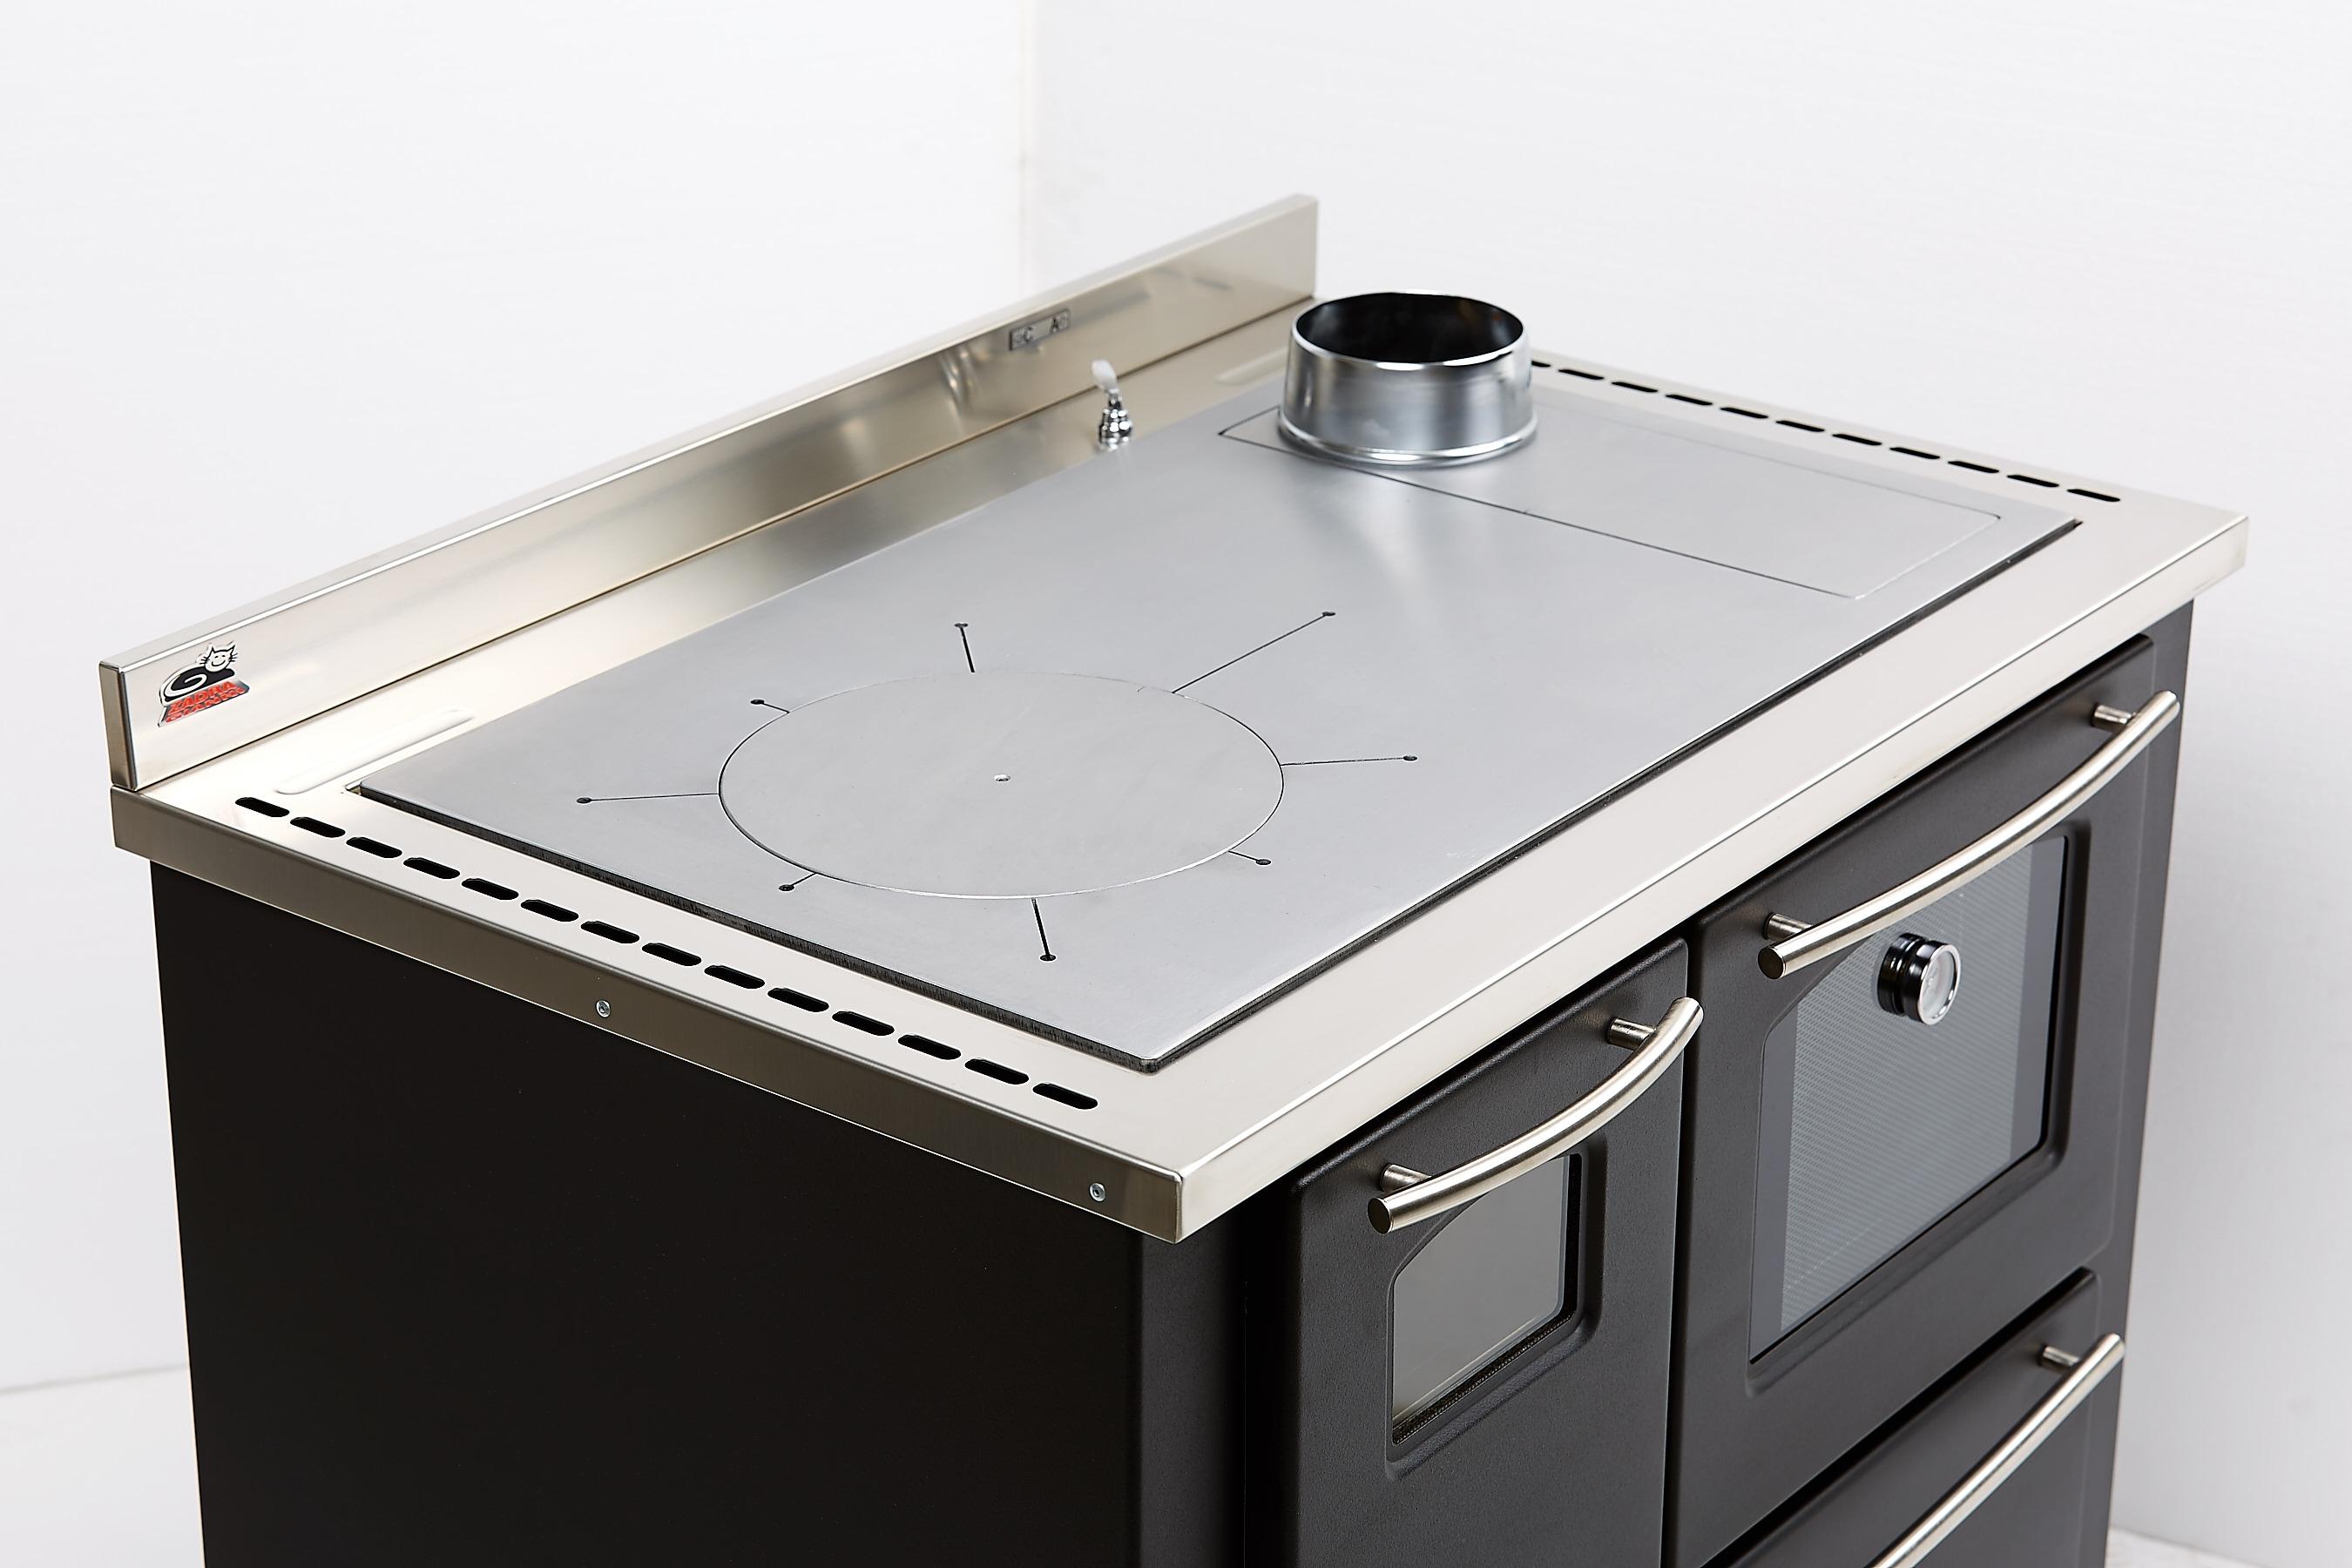 Piani Cottura A Induzione Bosch Prezzi. Simple Piani Cottura A ...